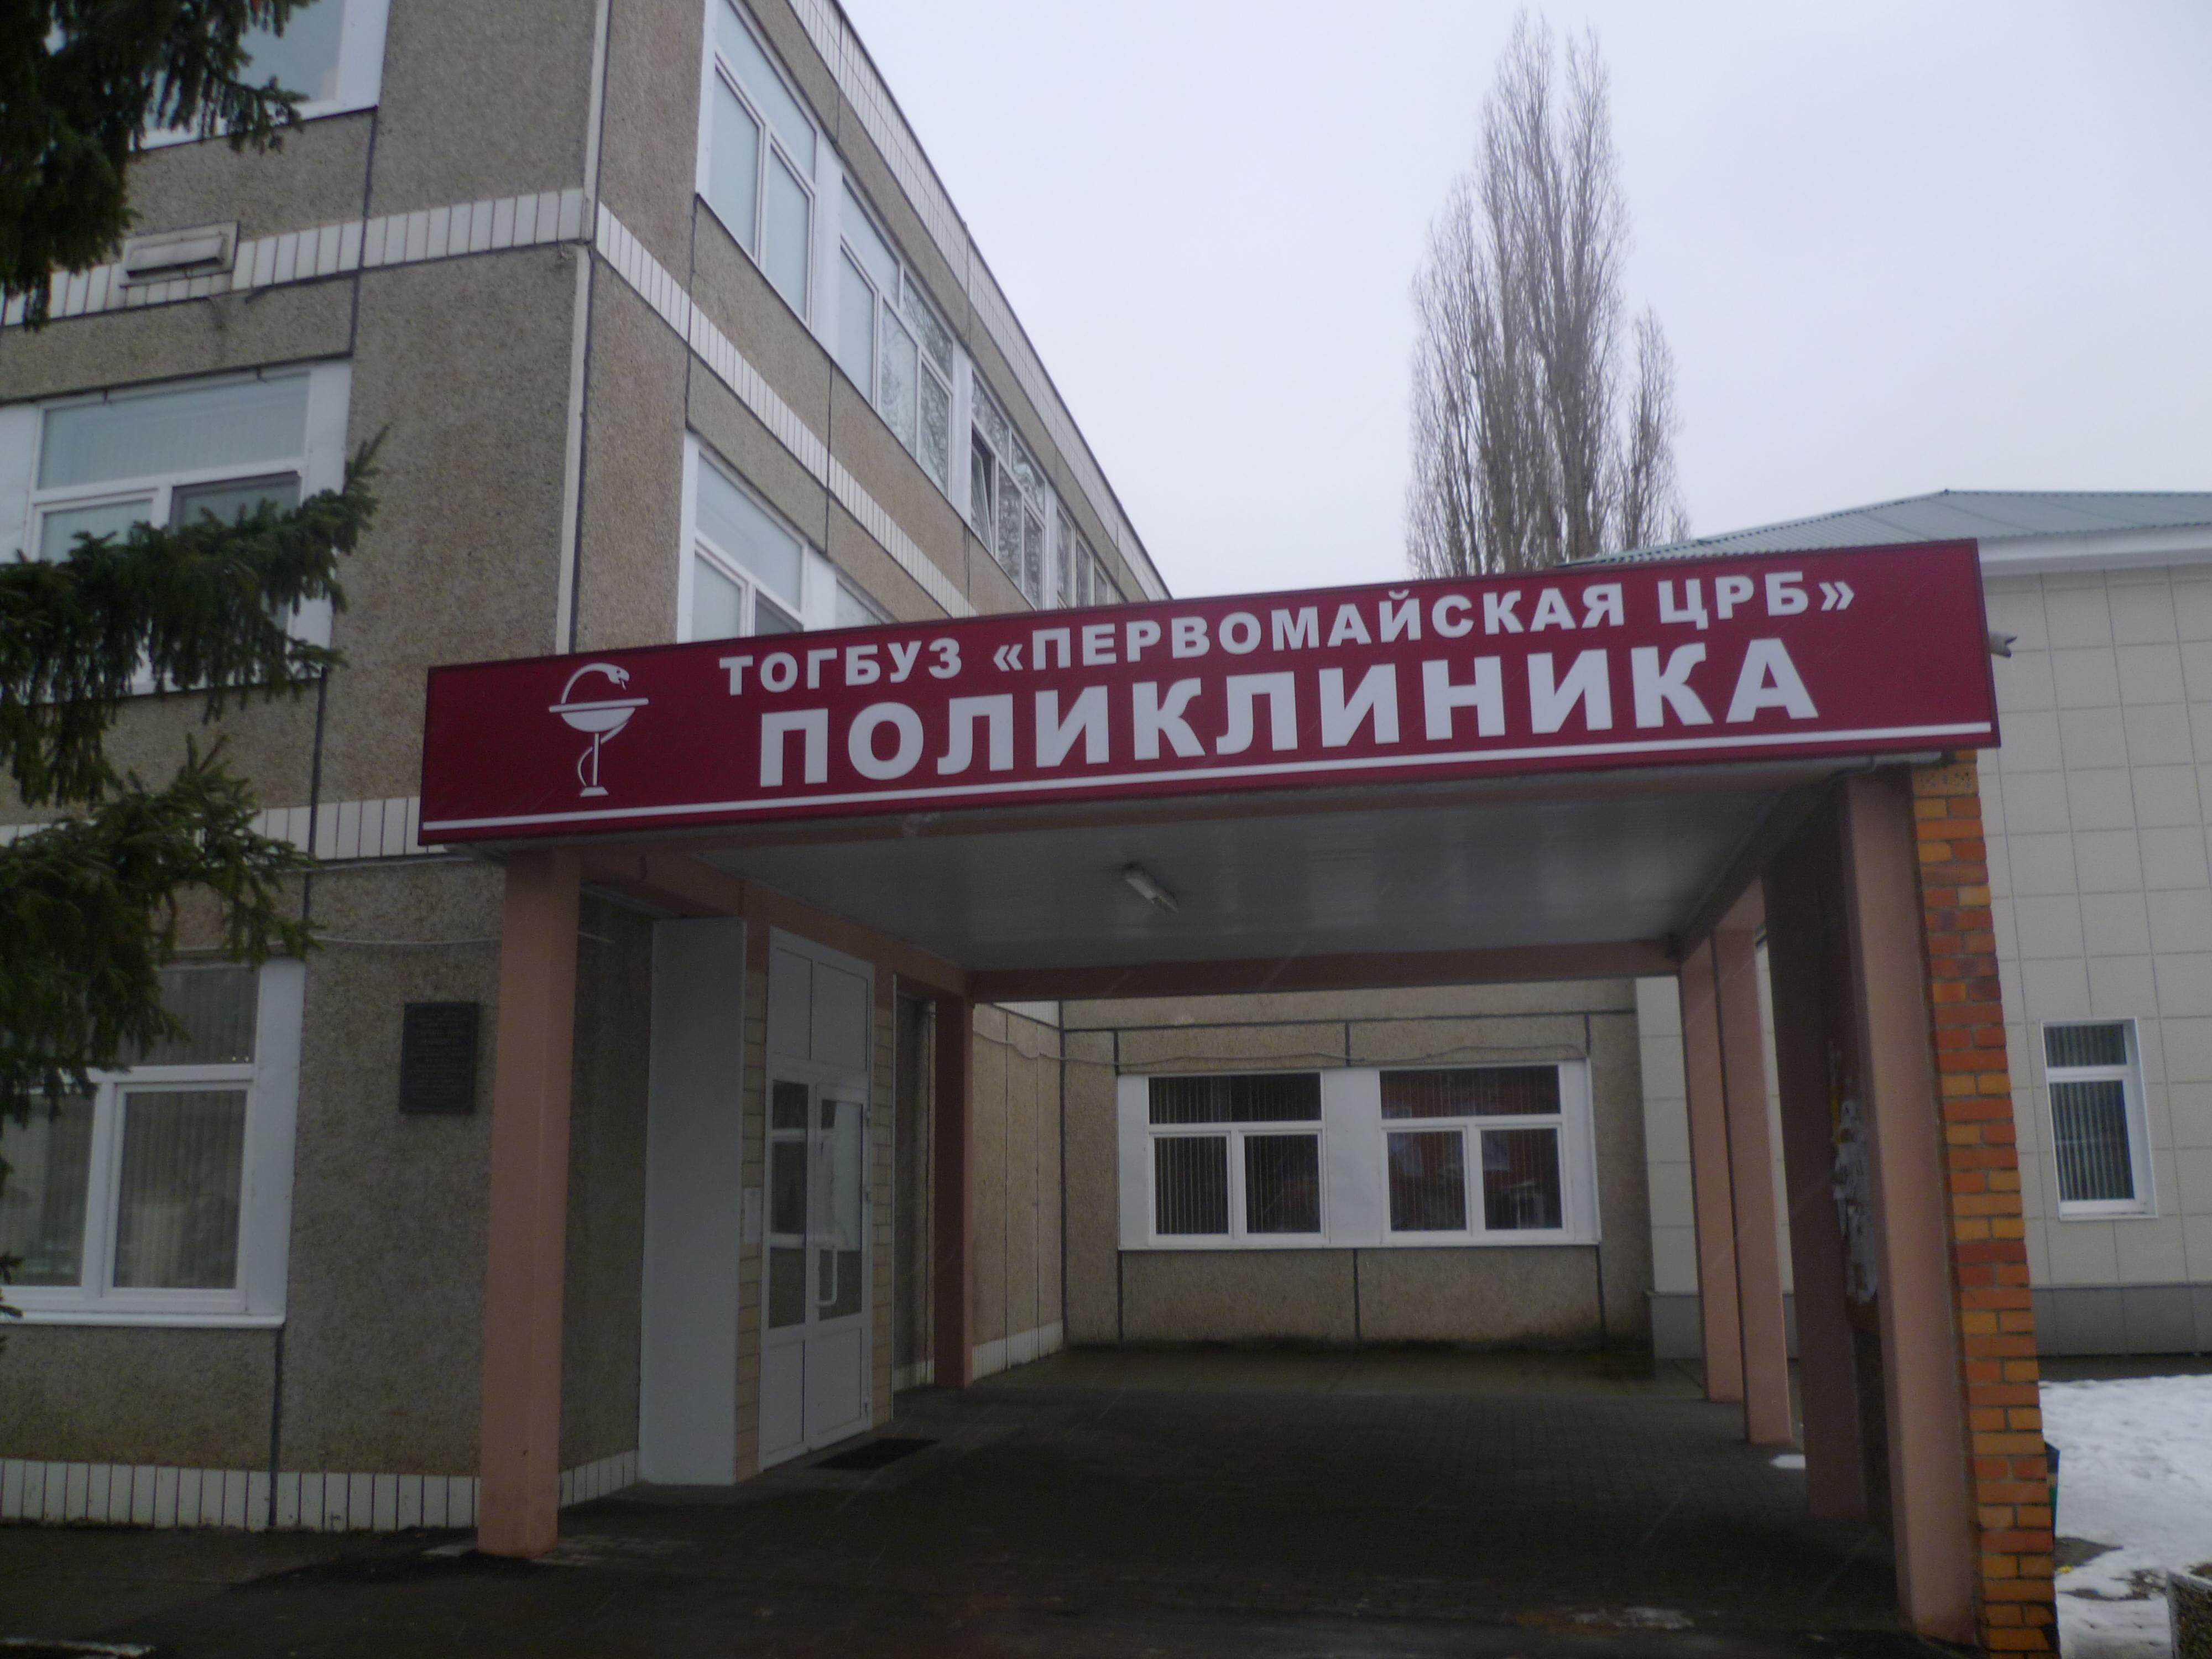 Сайт сунженской районной больницы